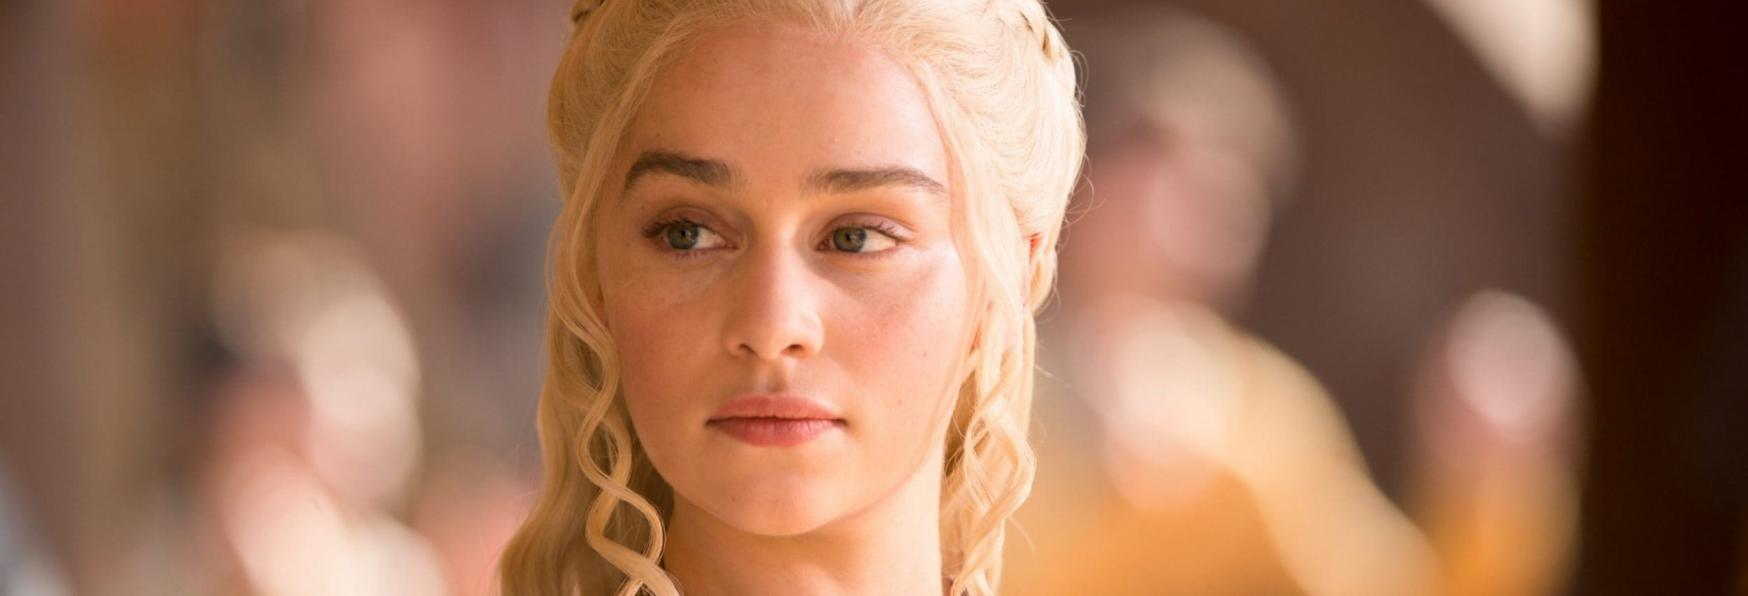 Game of Thrones: Emilia Clarke racconta le Differenze tra il Cast Maschile e Femminile in fatto di comfort